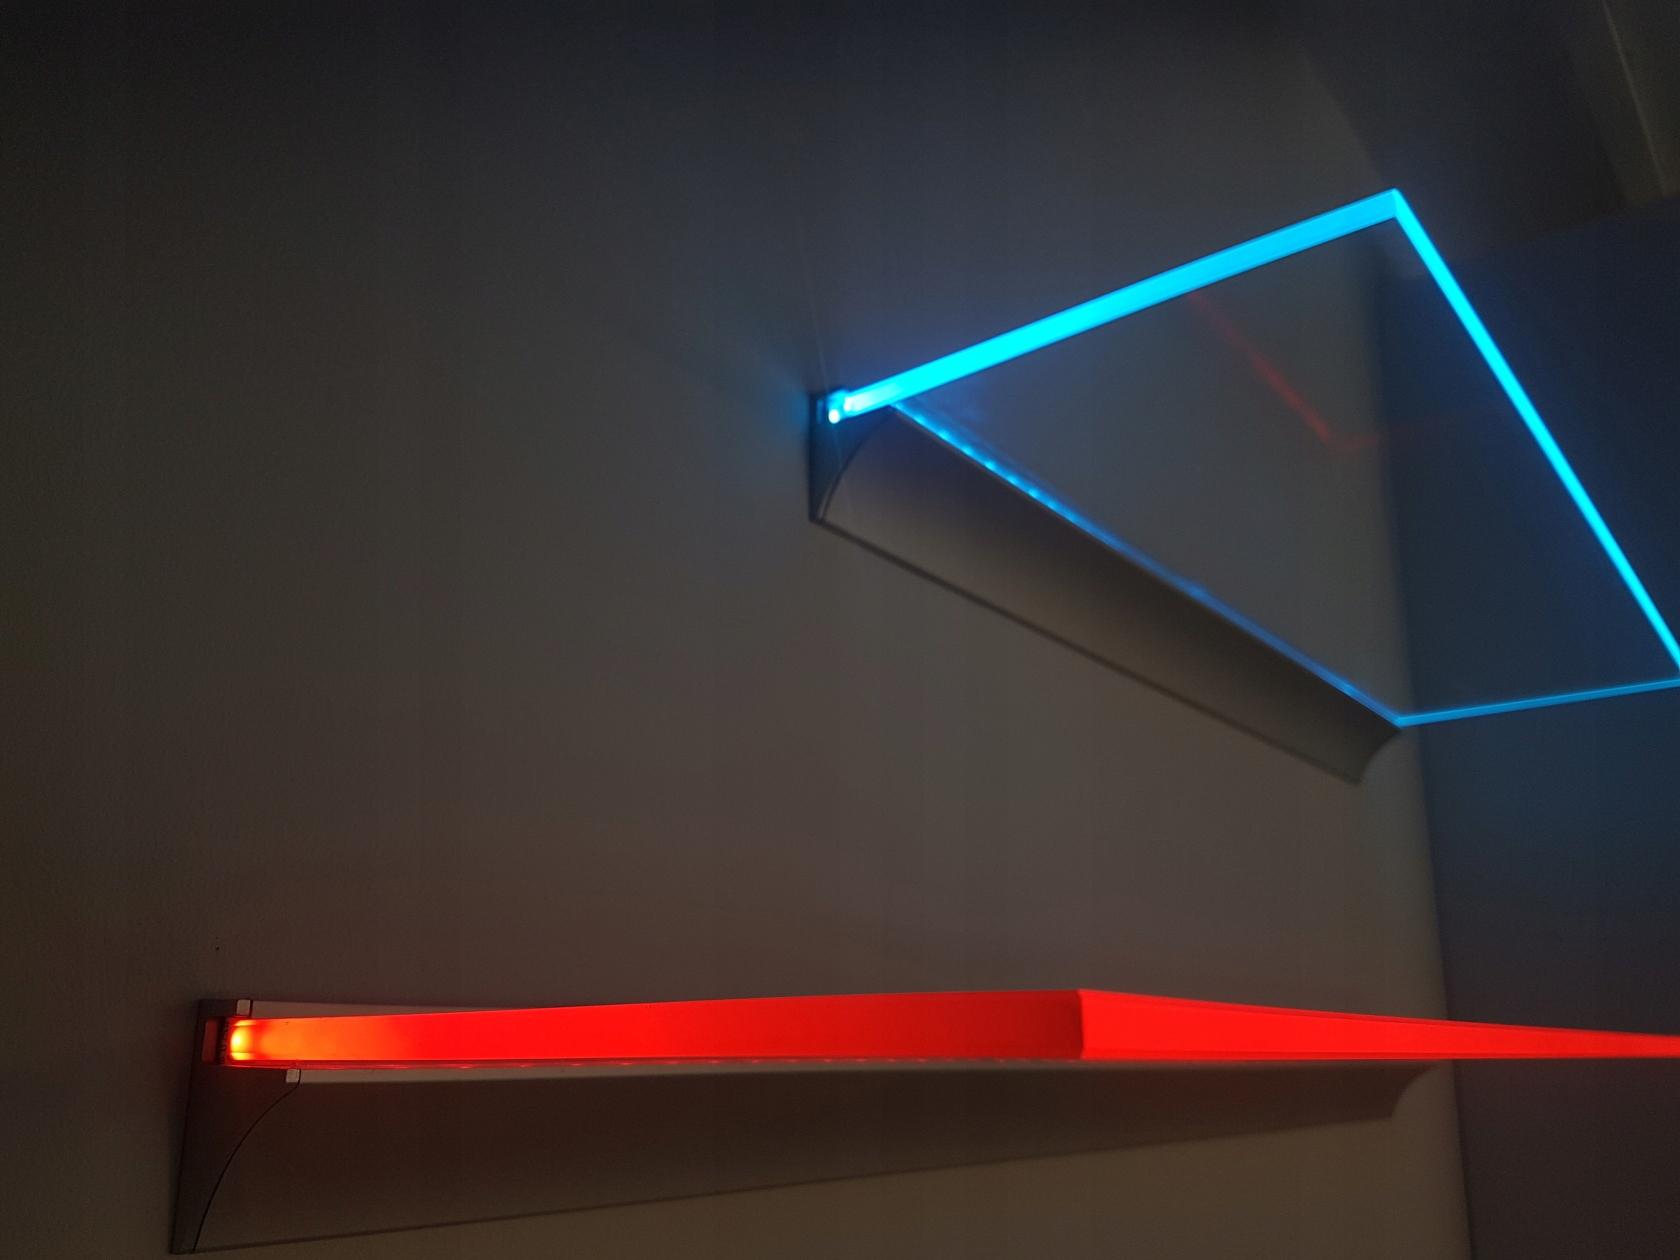 Sklenená polica s LED PODSVIETENÍM SKLENENÉ POLICE, 60x20